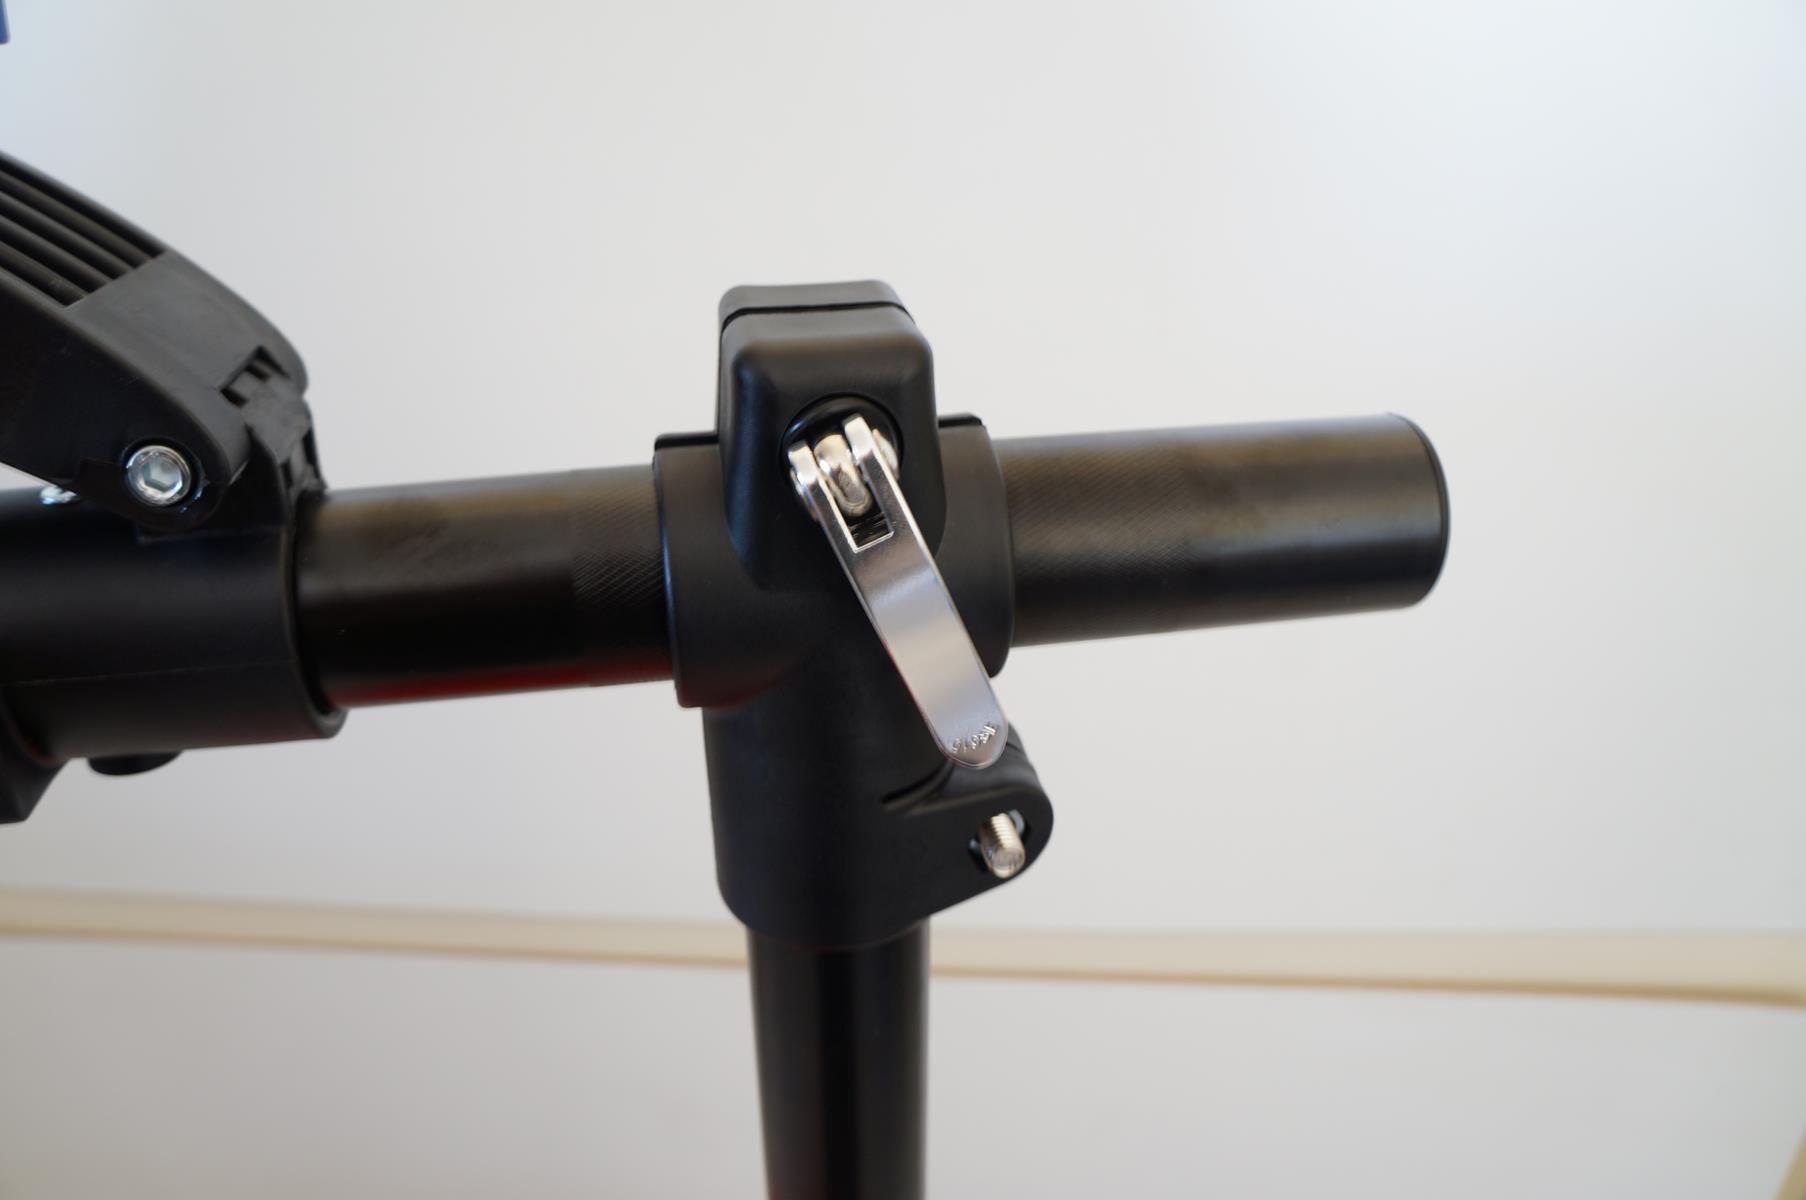 Suporte Cavalete Absolute para Manutenção de Bicicletas Portátil com Bandeja para Ferramentas